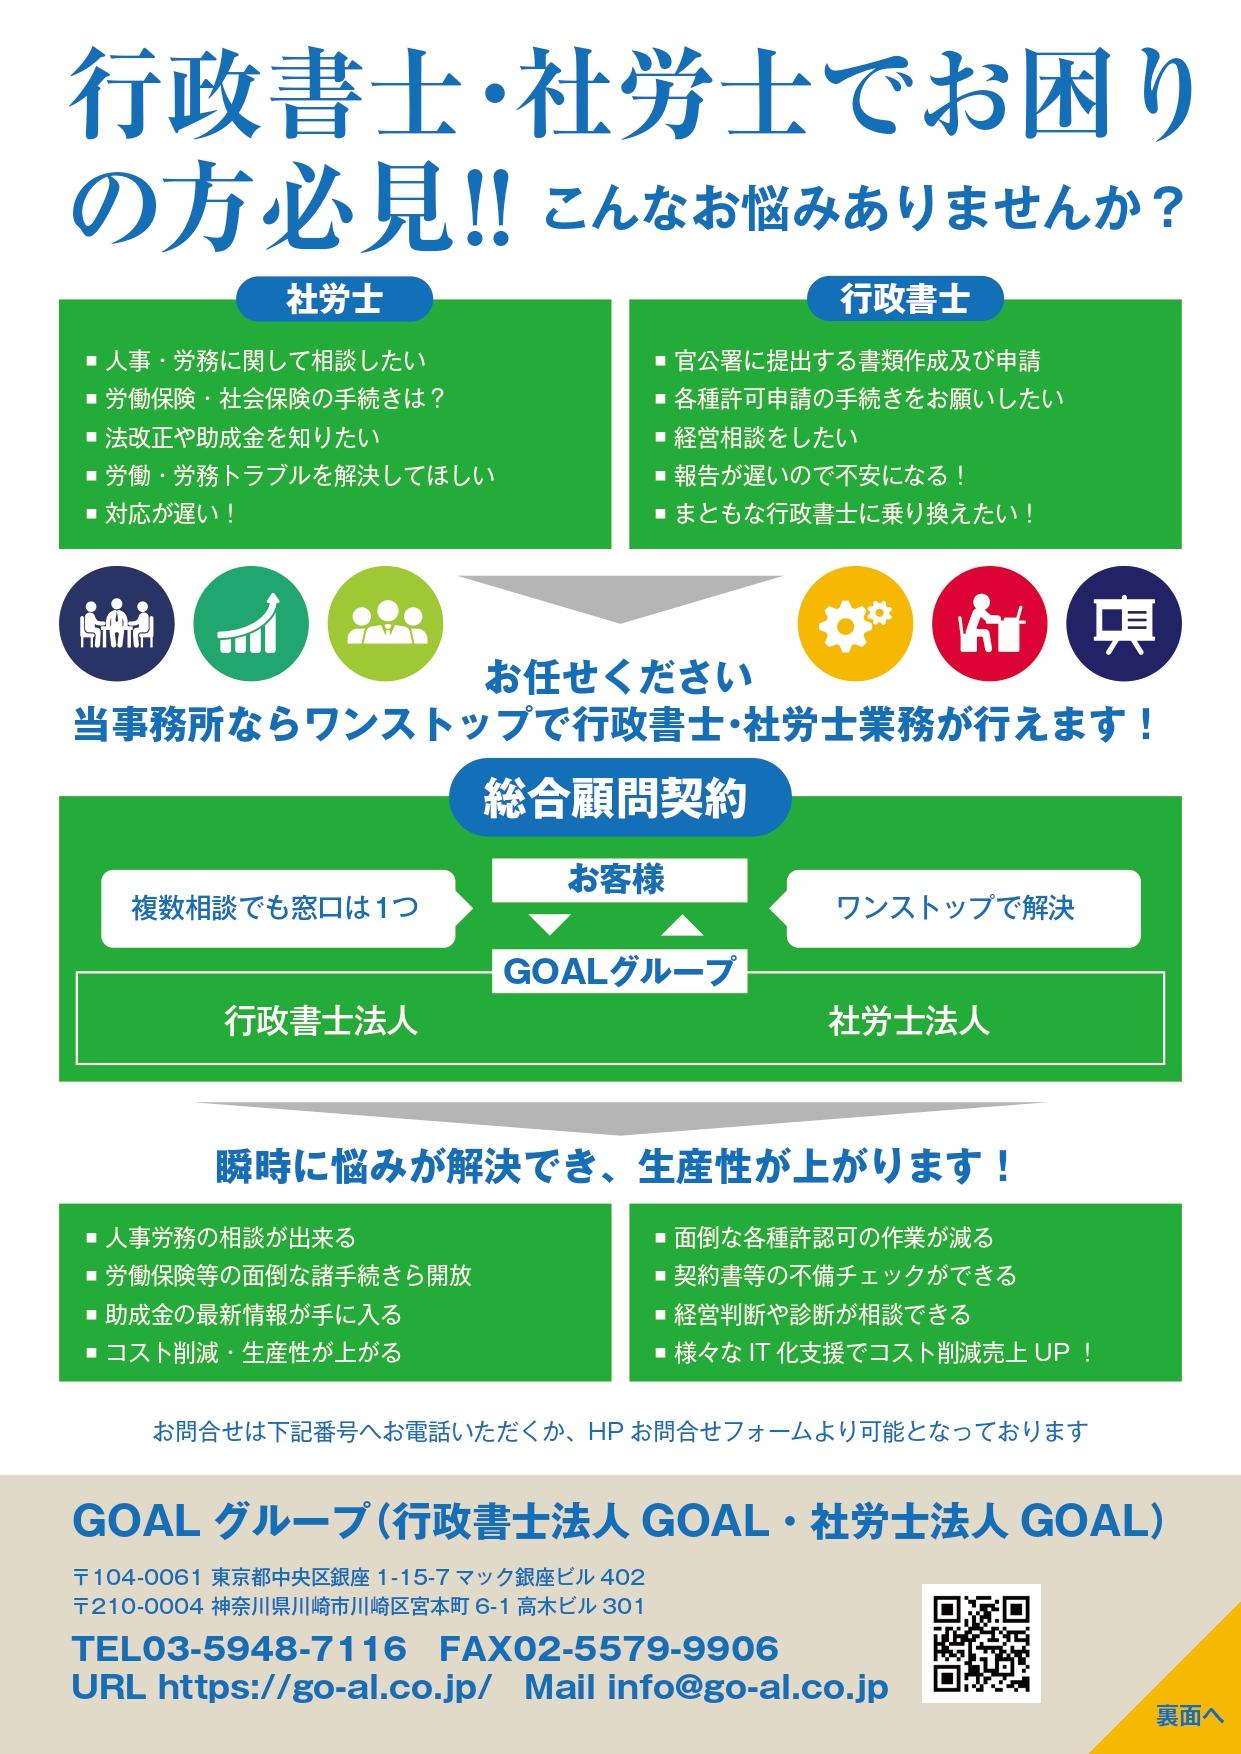 補助金コモンー資料1